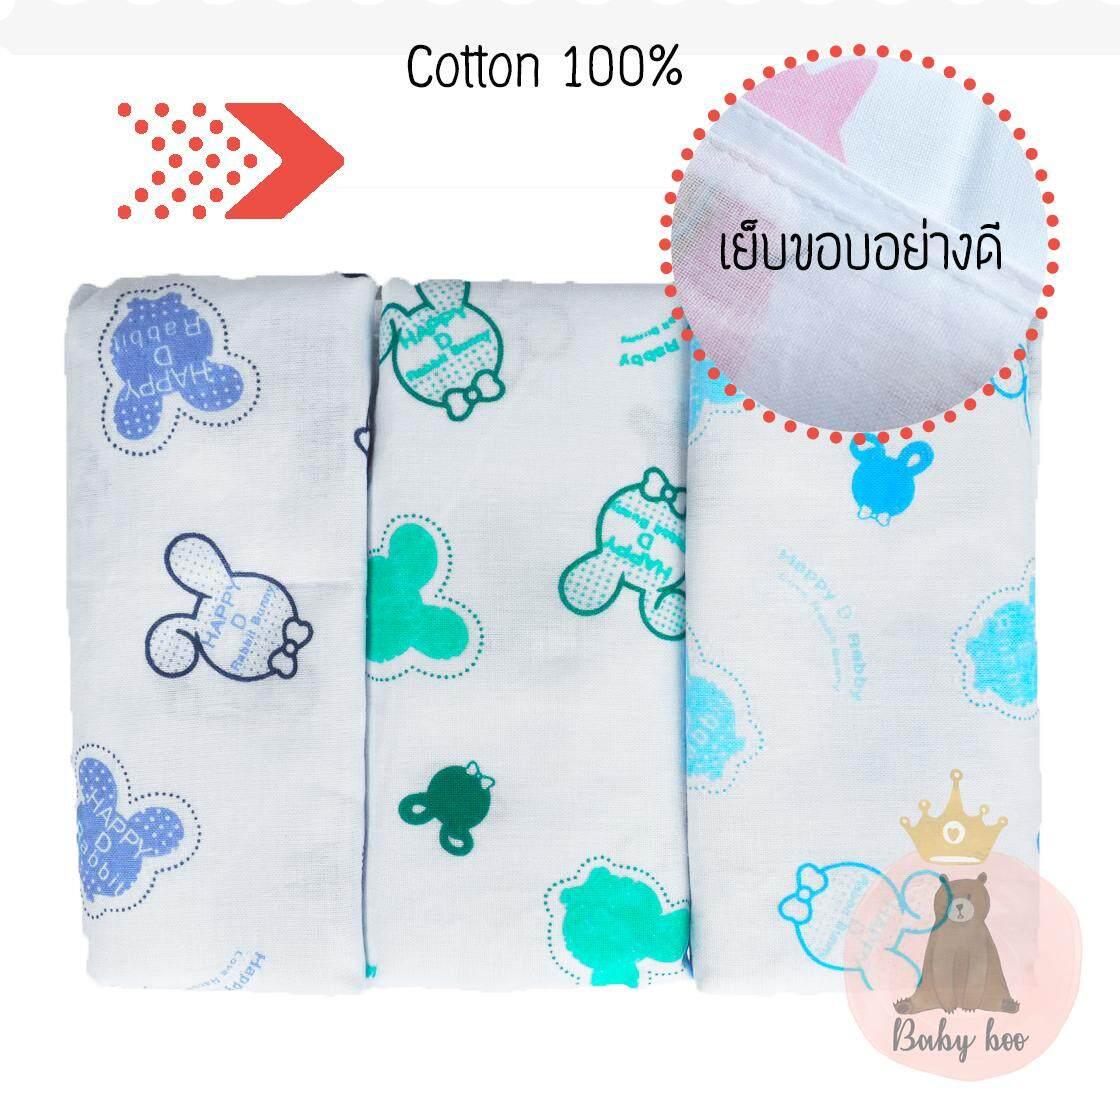 ซื้อที่ไหน ผ้าอ้อมผ้าสาลู cotton 100% 27 นิ้ว เกรดAAA+ แพ็ค 12 ผืน คละสี (ลายมิกกี้)